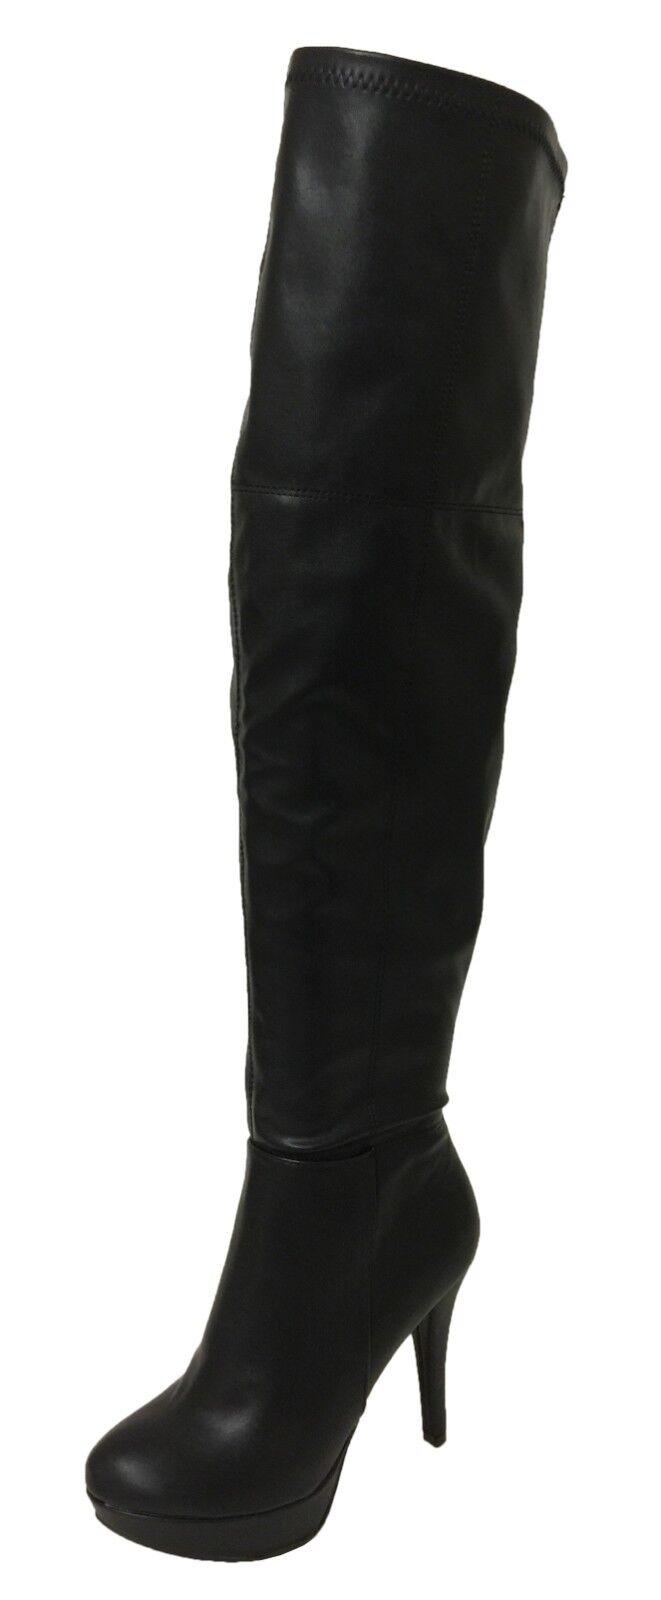 Delicious SEMRA  Women's Sexy OTK Thigh High Heel Stiletto Platform Boots